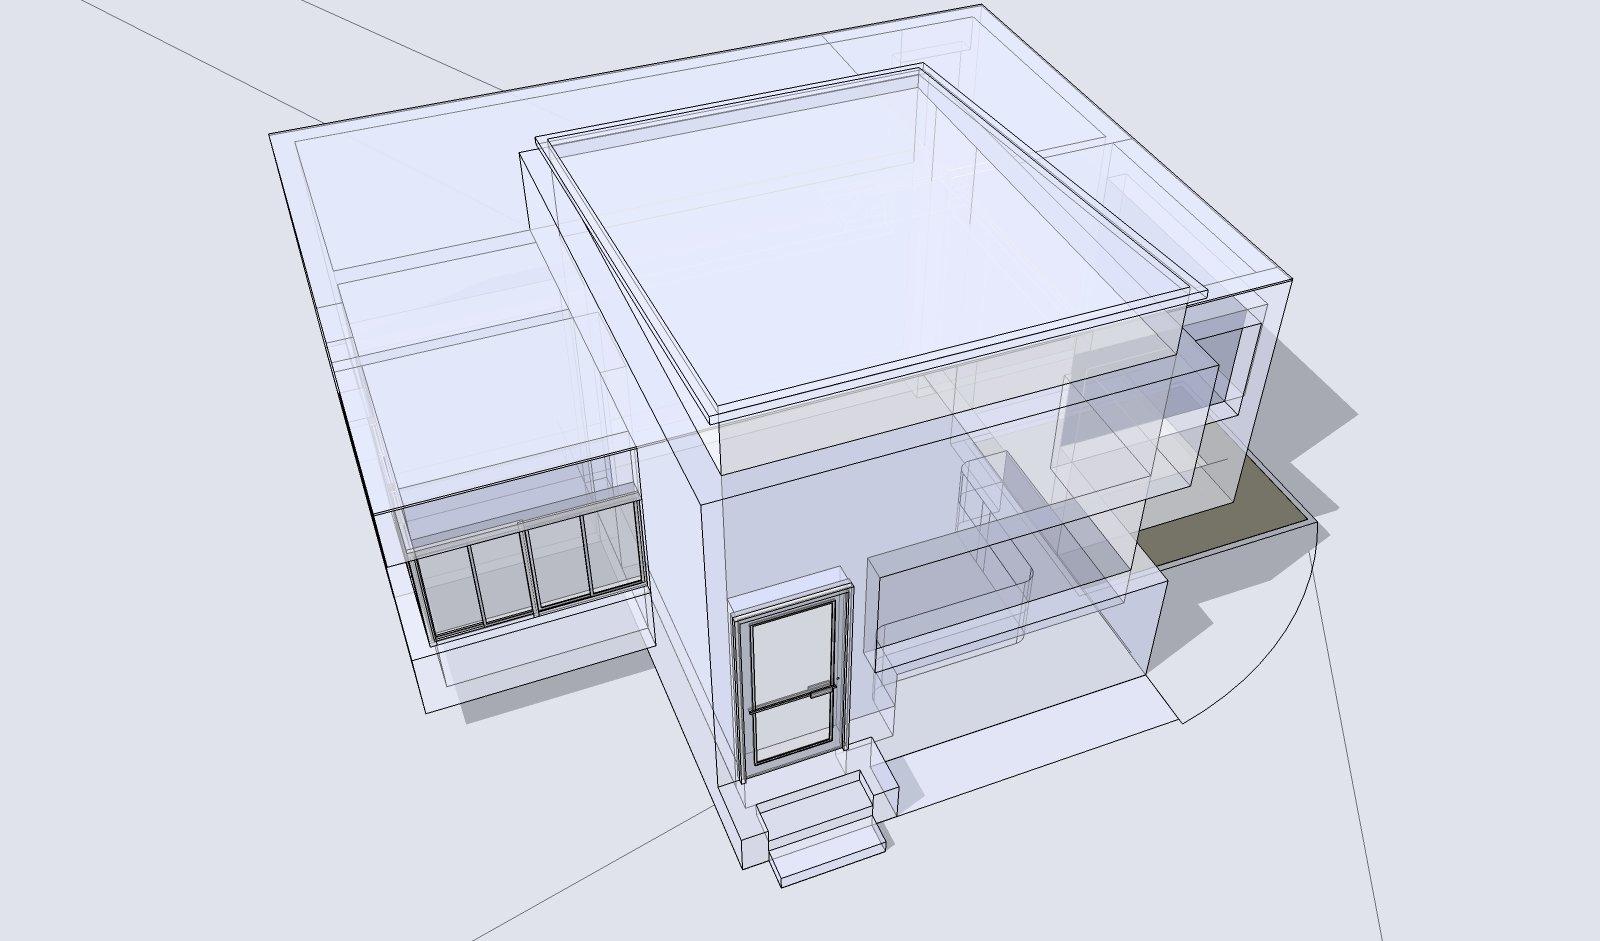 Free Gebäude 3D Und Drahtmodell 1 Stock Photo